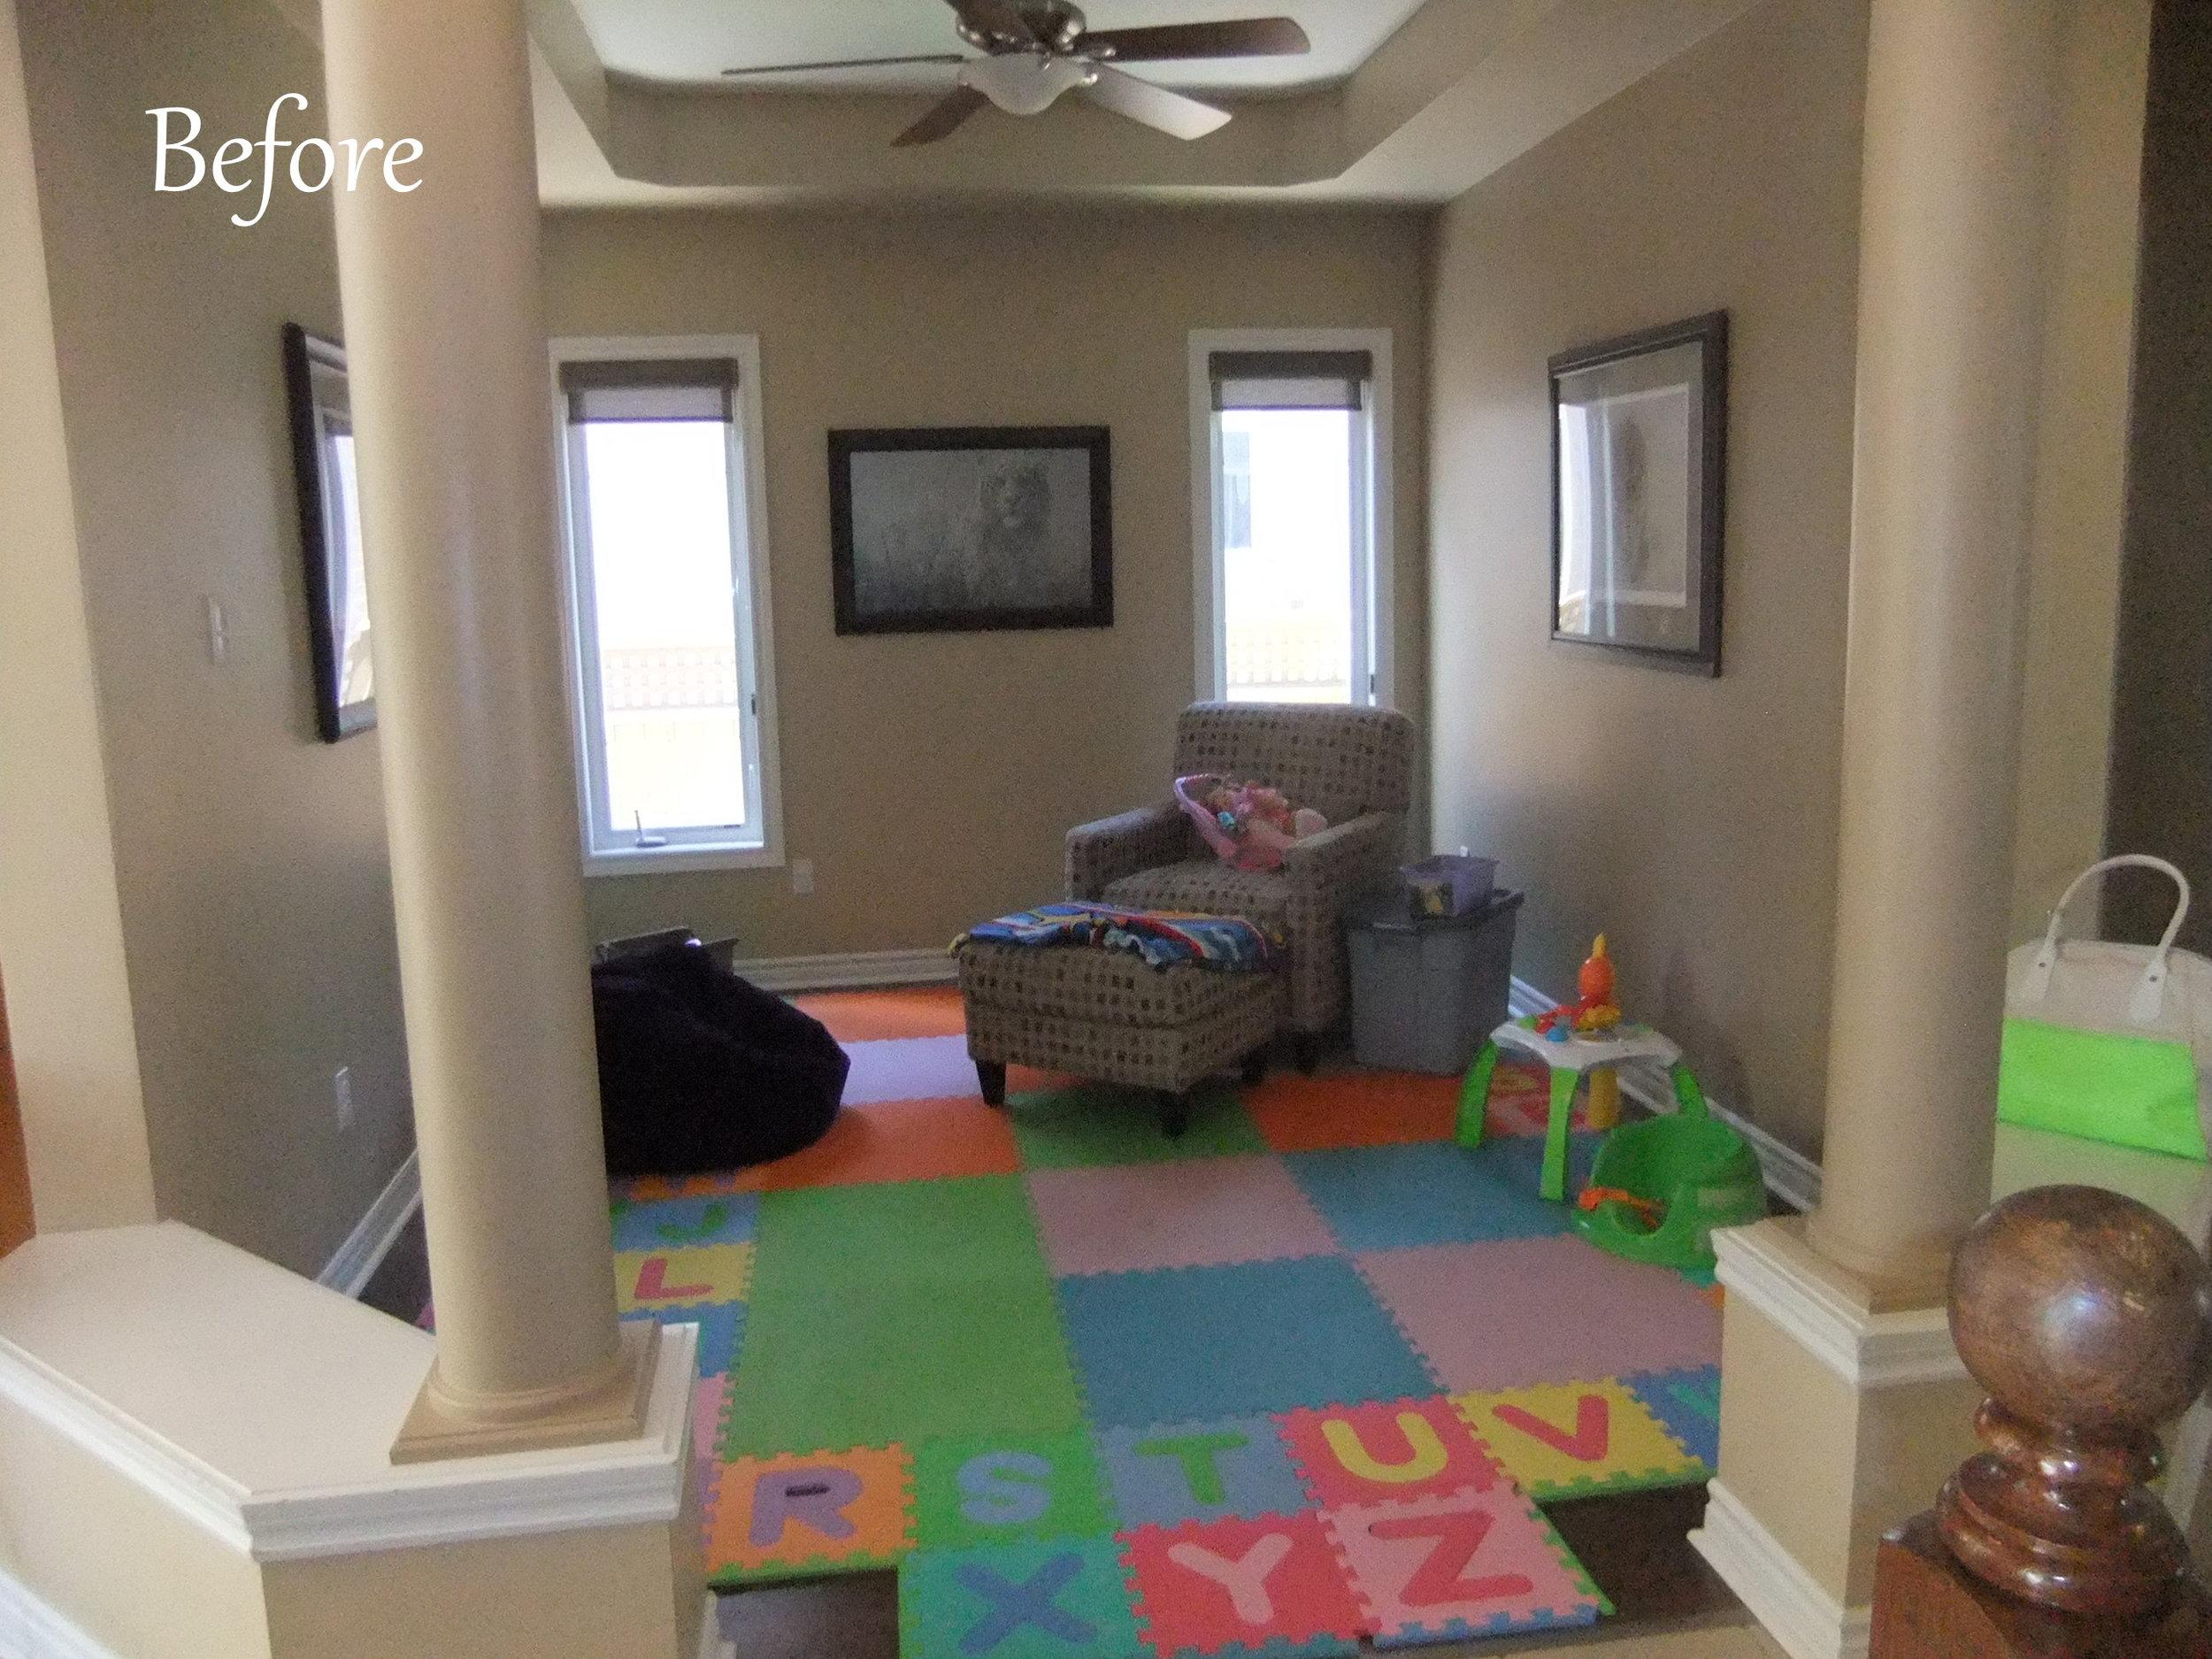 Misc Room 1 - Before.jpg